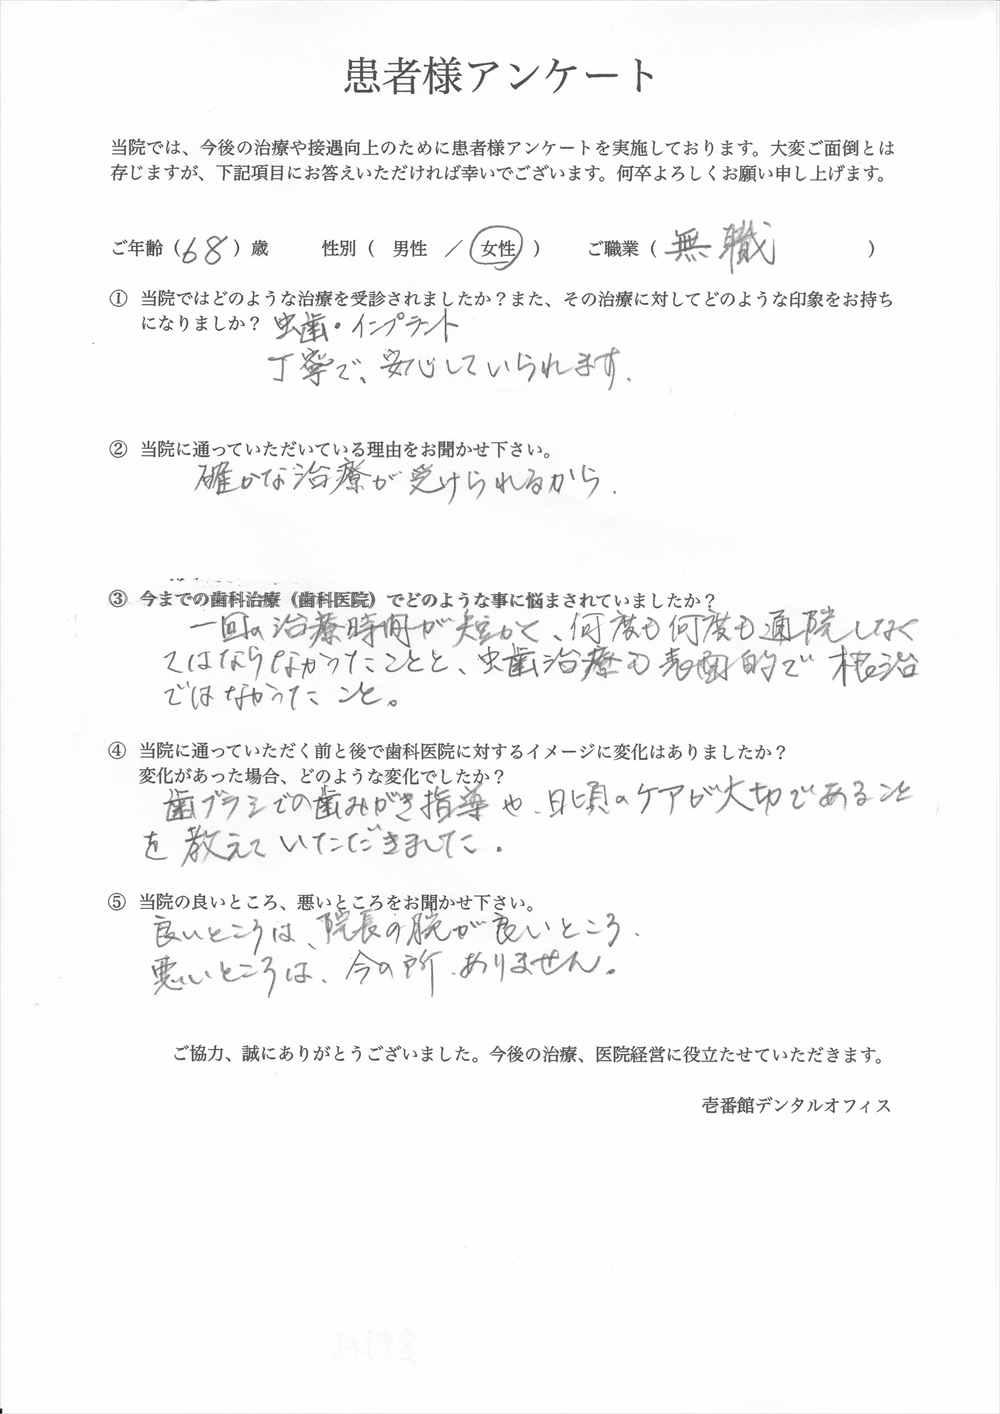 壱番館デンタルオフィス口コミ評判アンケート10